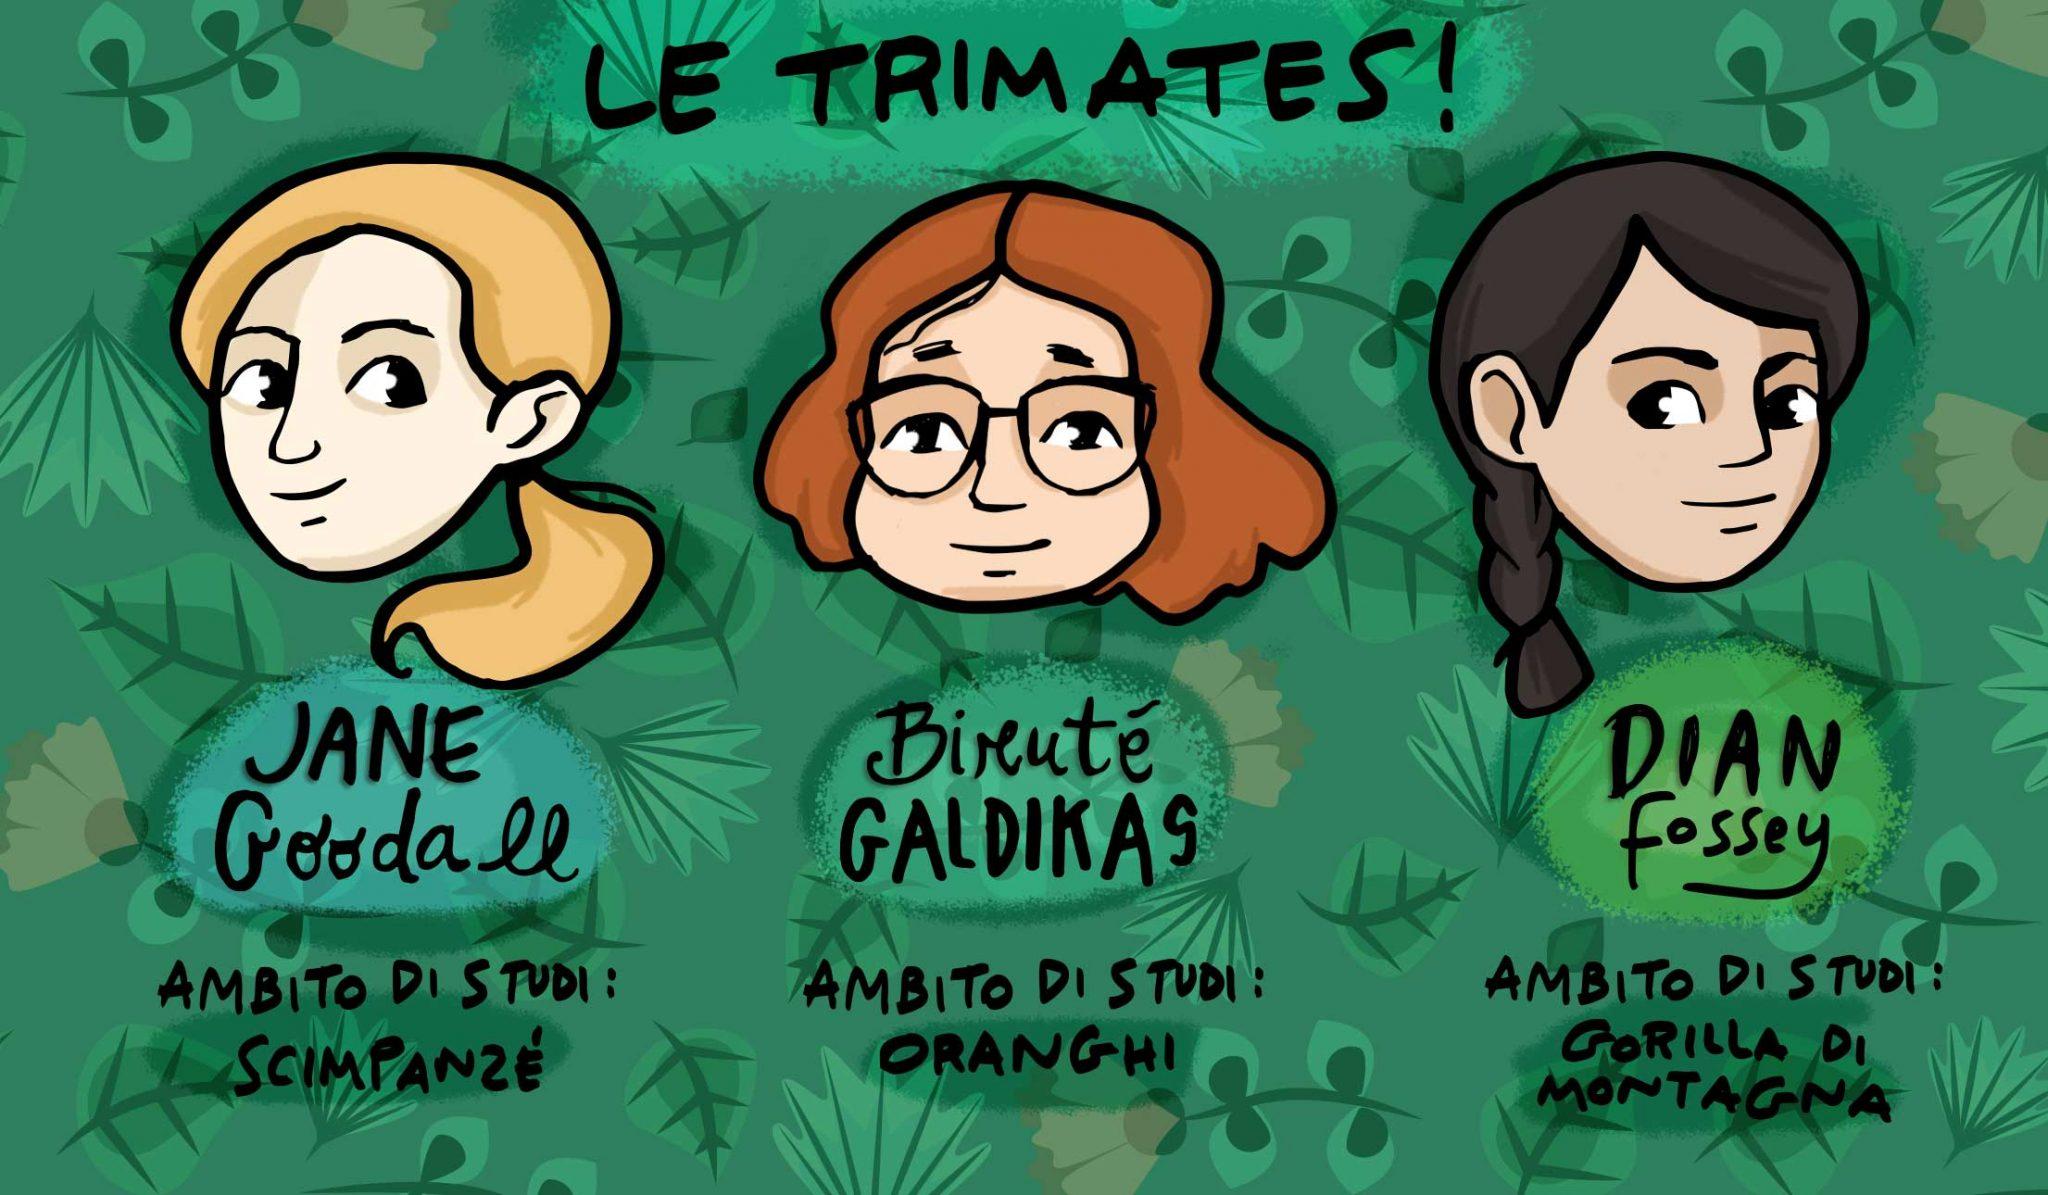 Trimates_illustrazione